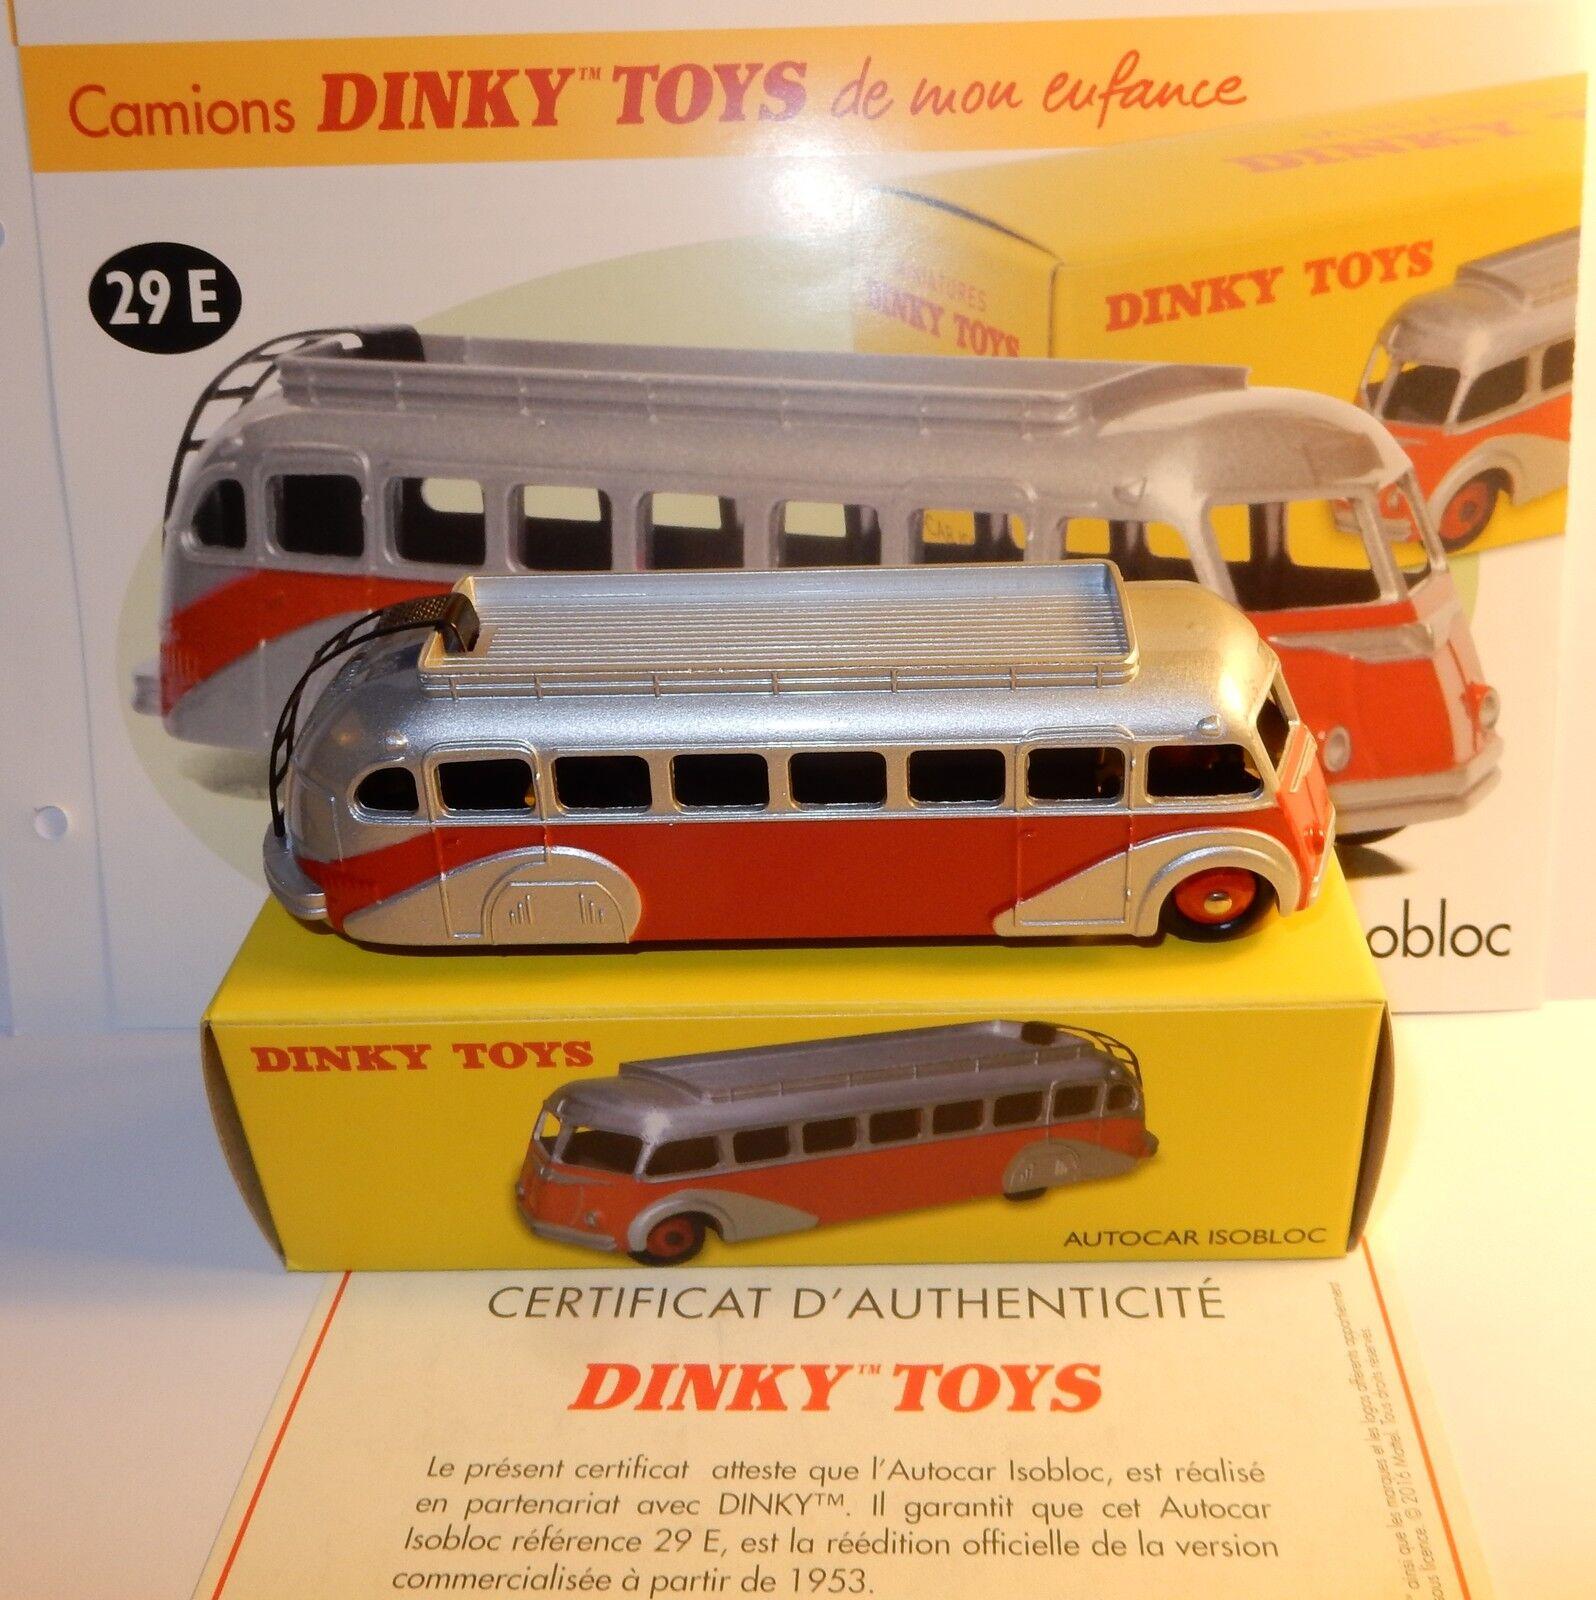 descuento de ventas en línea DINKY TOYS ATLAS AUTOCoche Coche ISOBLOC BIColor ROJO gris PLATA PLATA PLATA 1 72 REF 29E BOX  venta con descuento